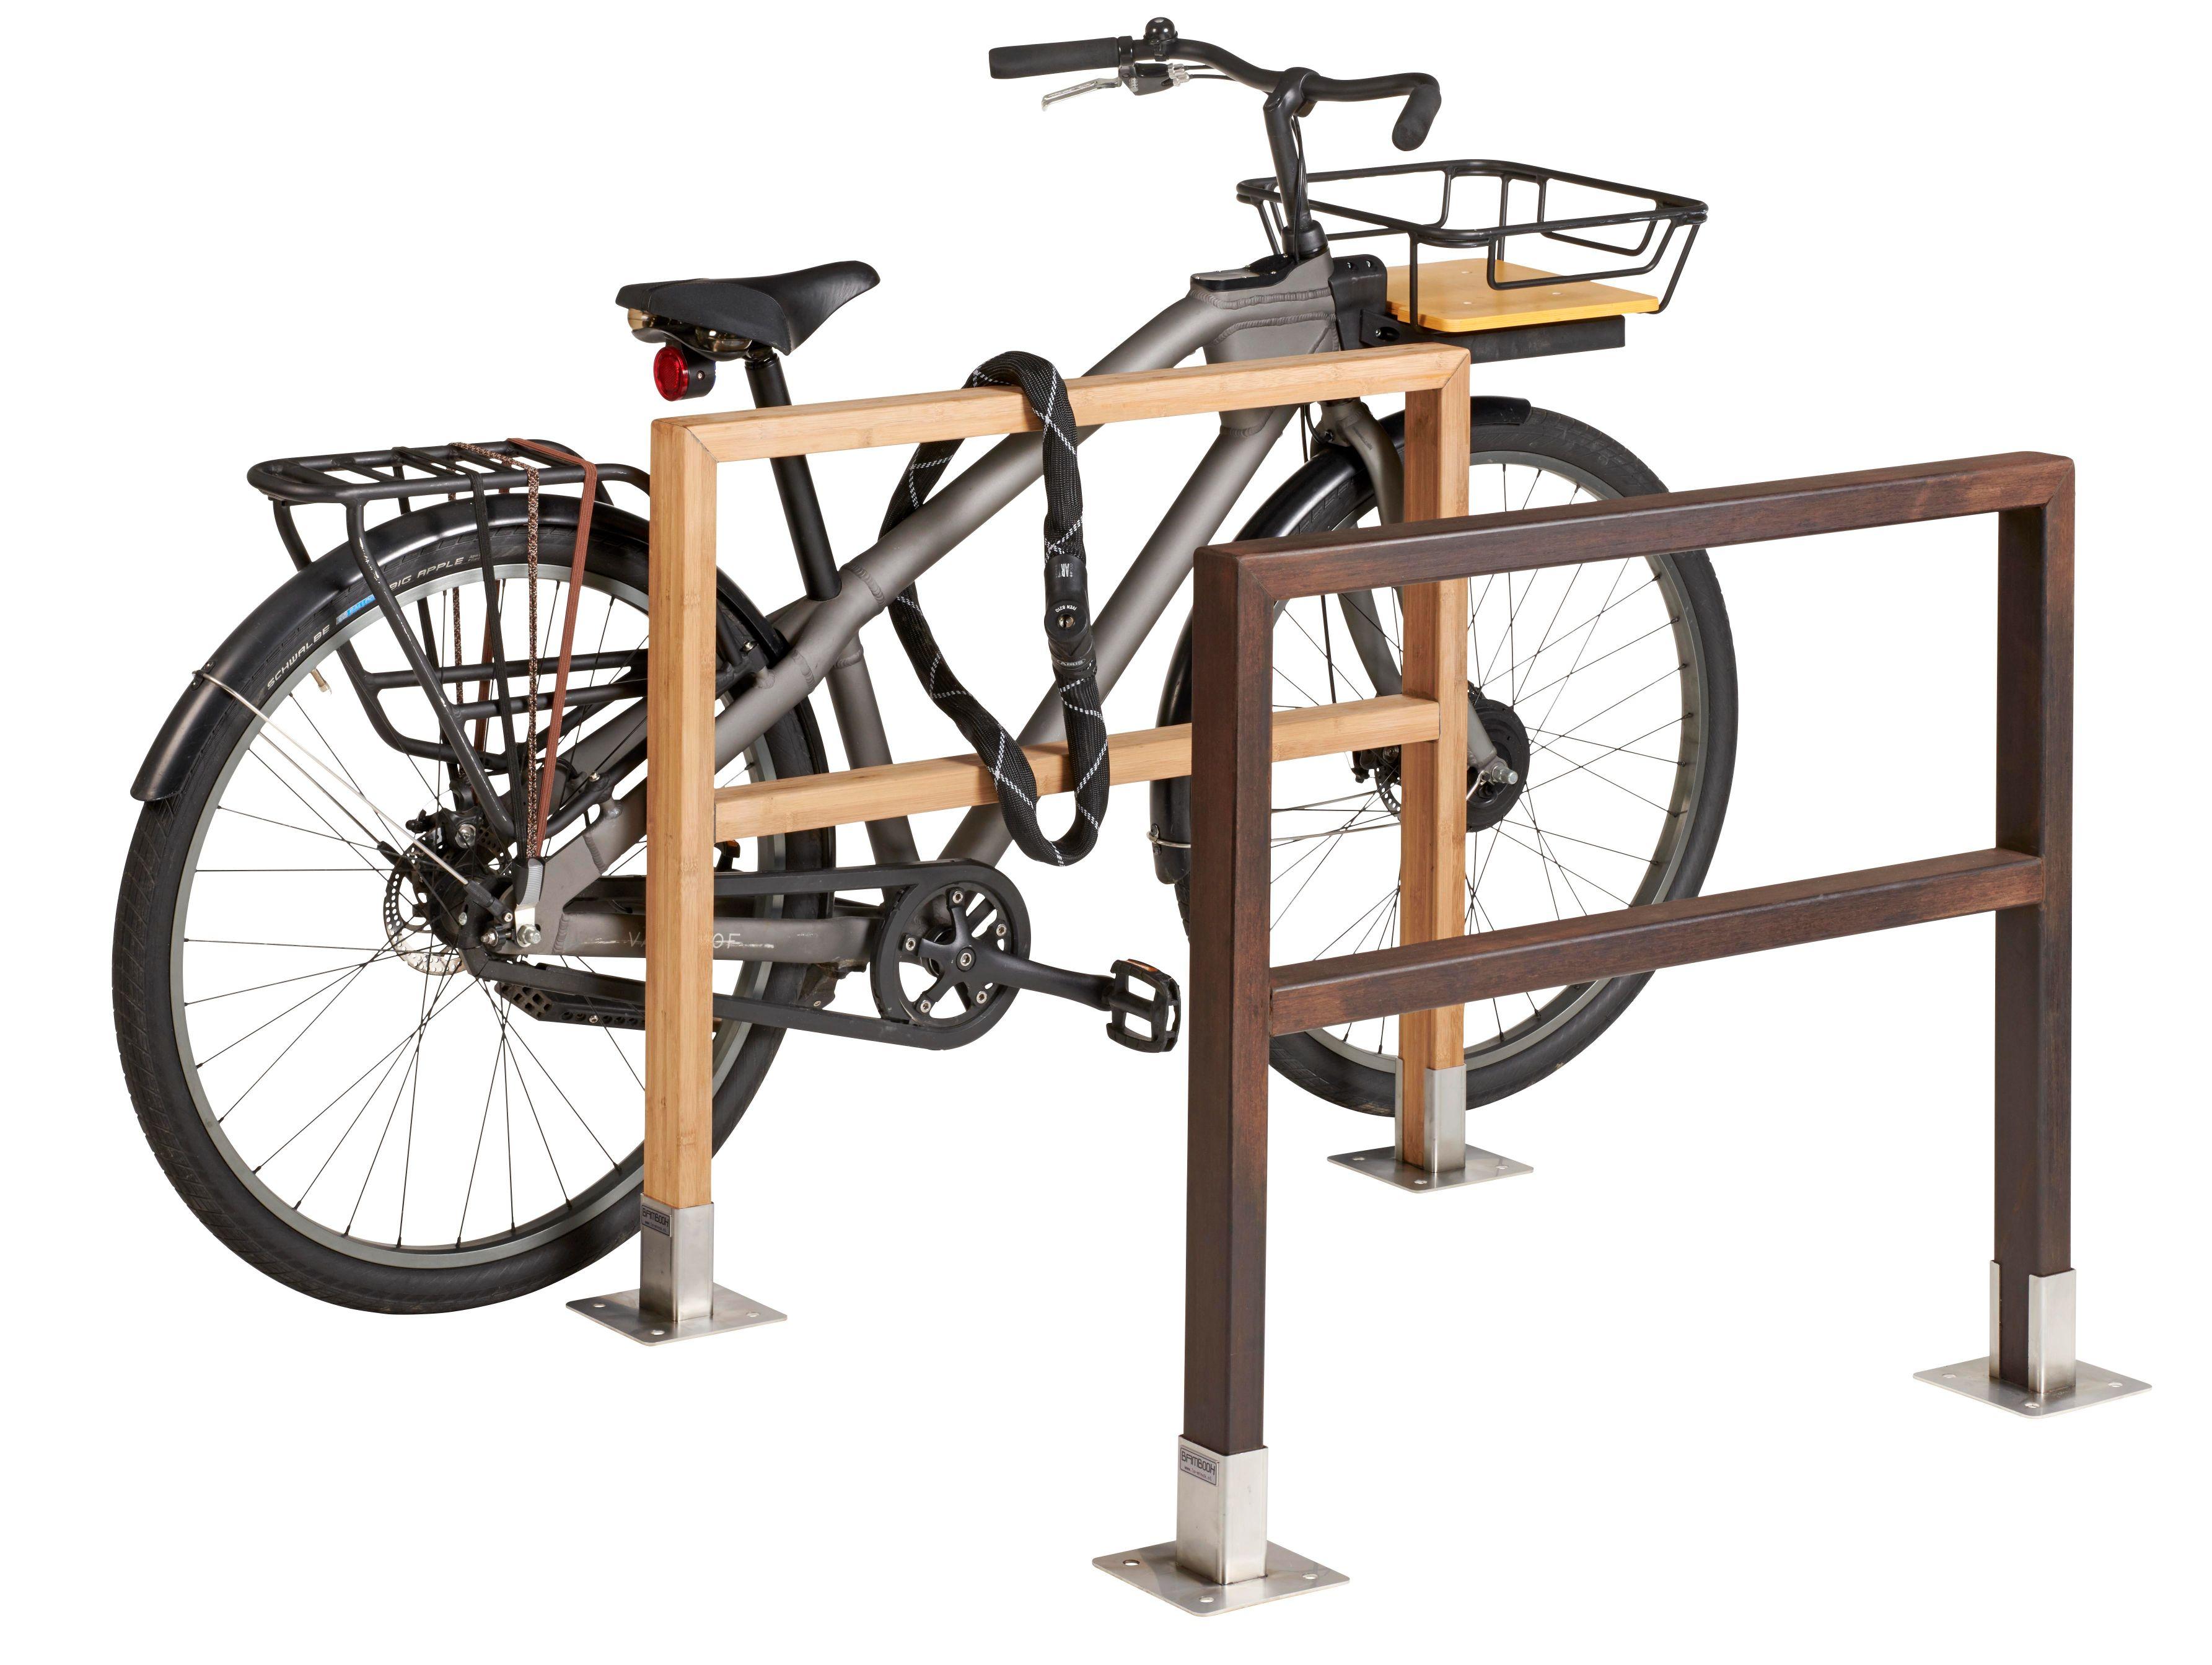 bambooh duurzaam fietsparkeren